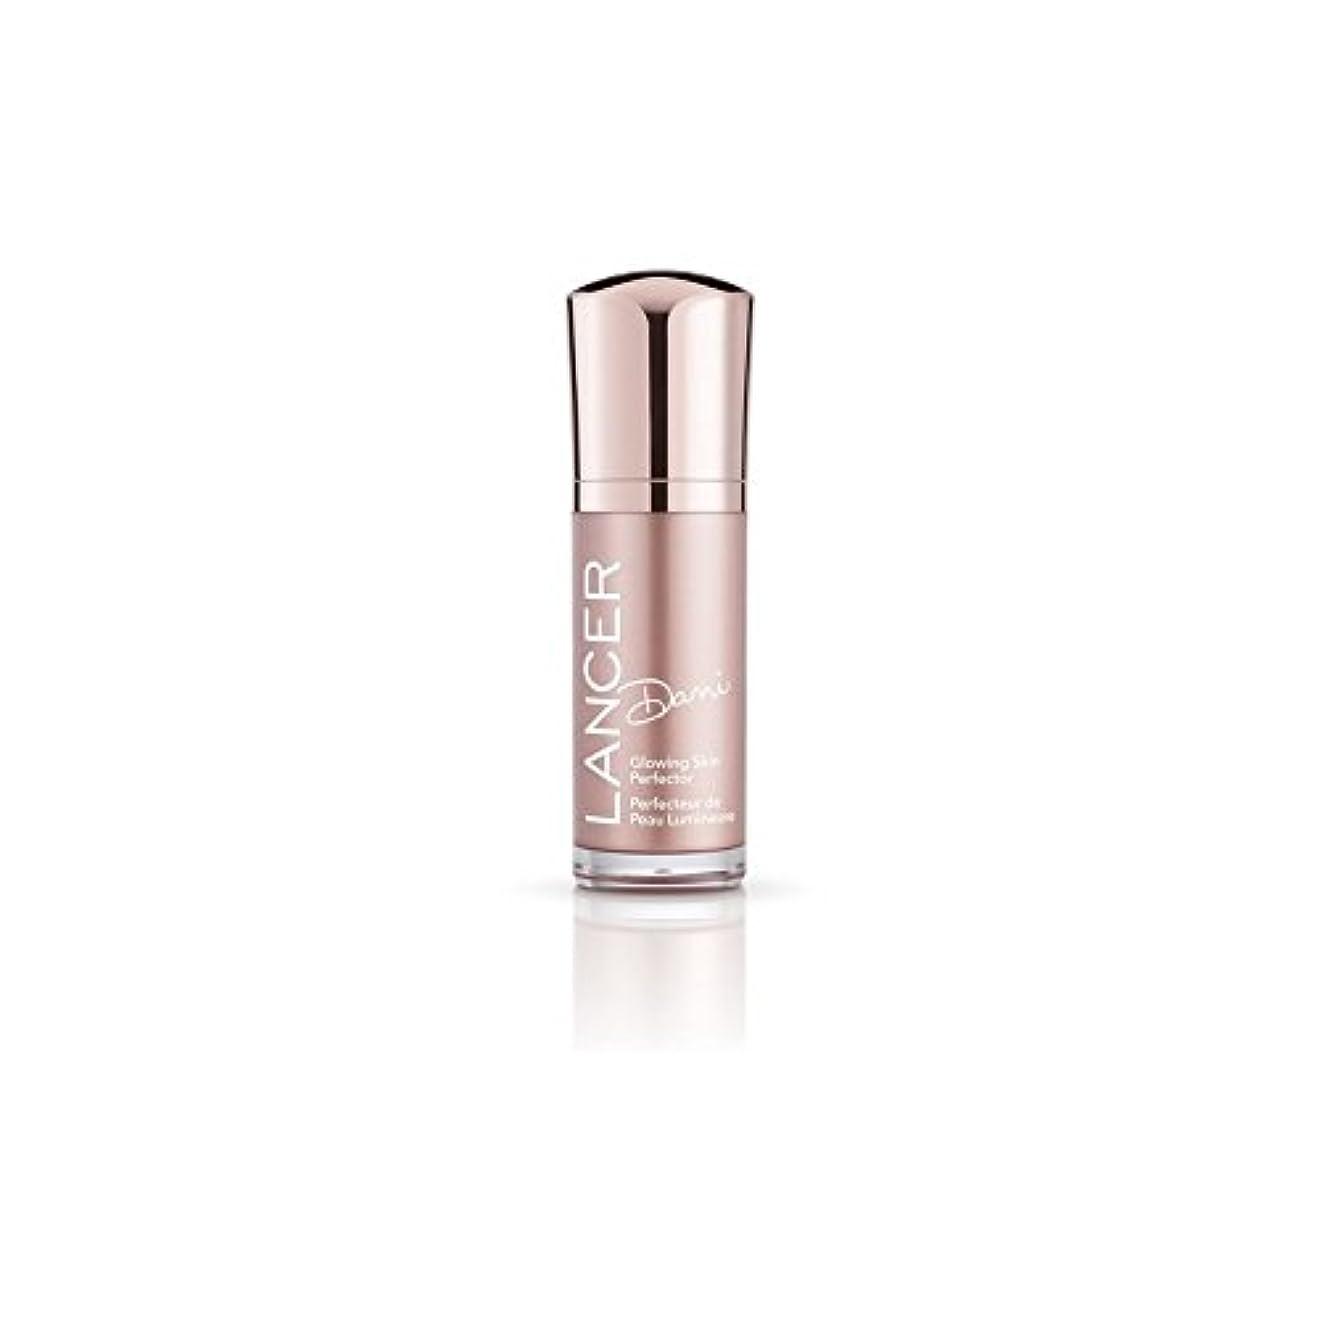 合併症そのような直径Lancer Skincare Dani Glowing Skin Perfector (30ml) - スキンパーフェク輝くランサースキンケアダニ(30ミリリットル) [並行輸入品]